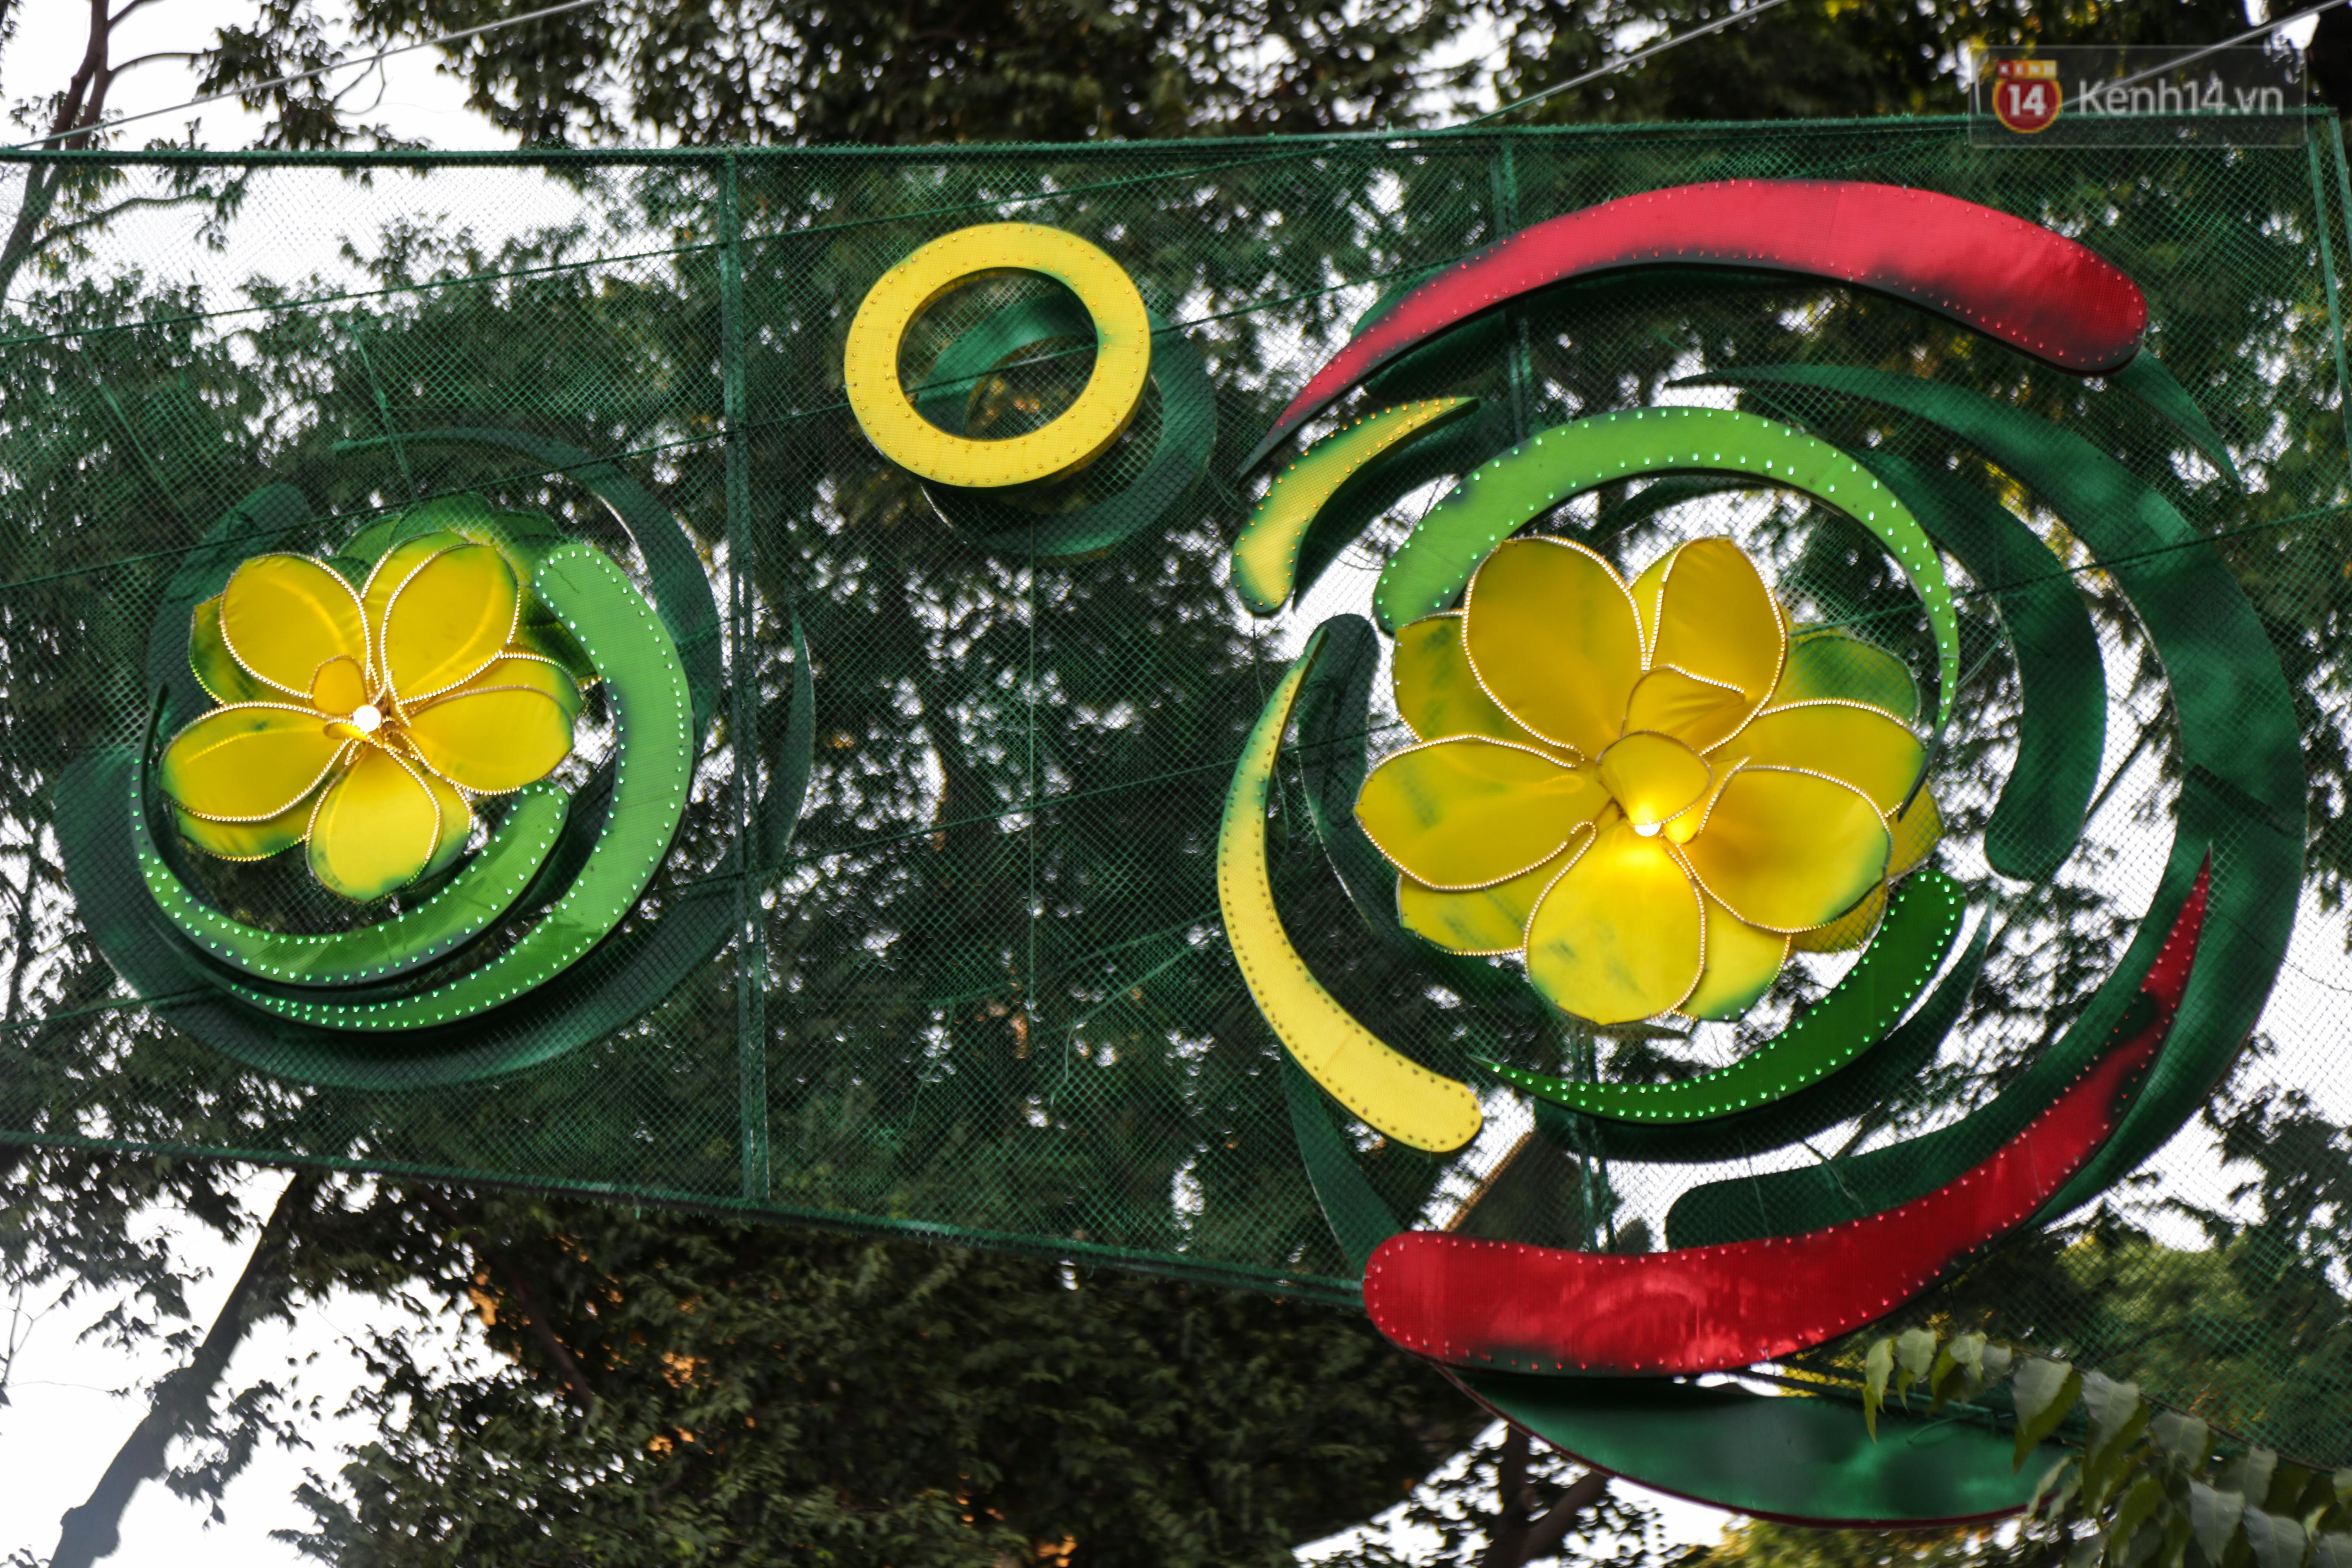 Đèn trang trí Tết trên đường Phạm Ngọc Thạch được chỉnh sửa sau khi người dân chê xấu - Ảnh 9.